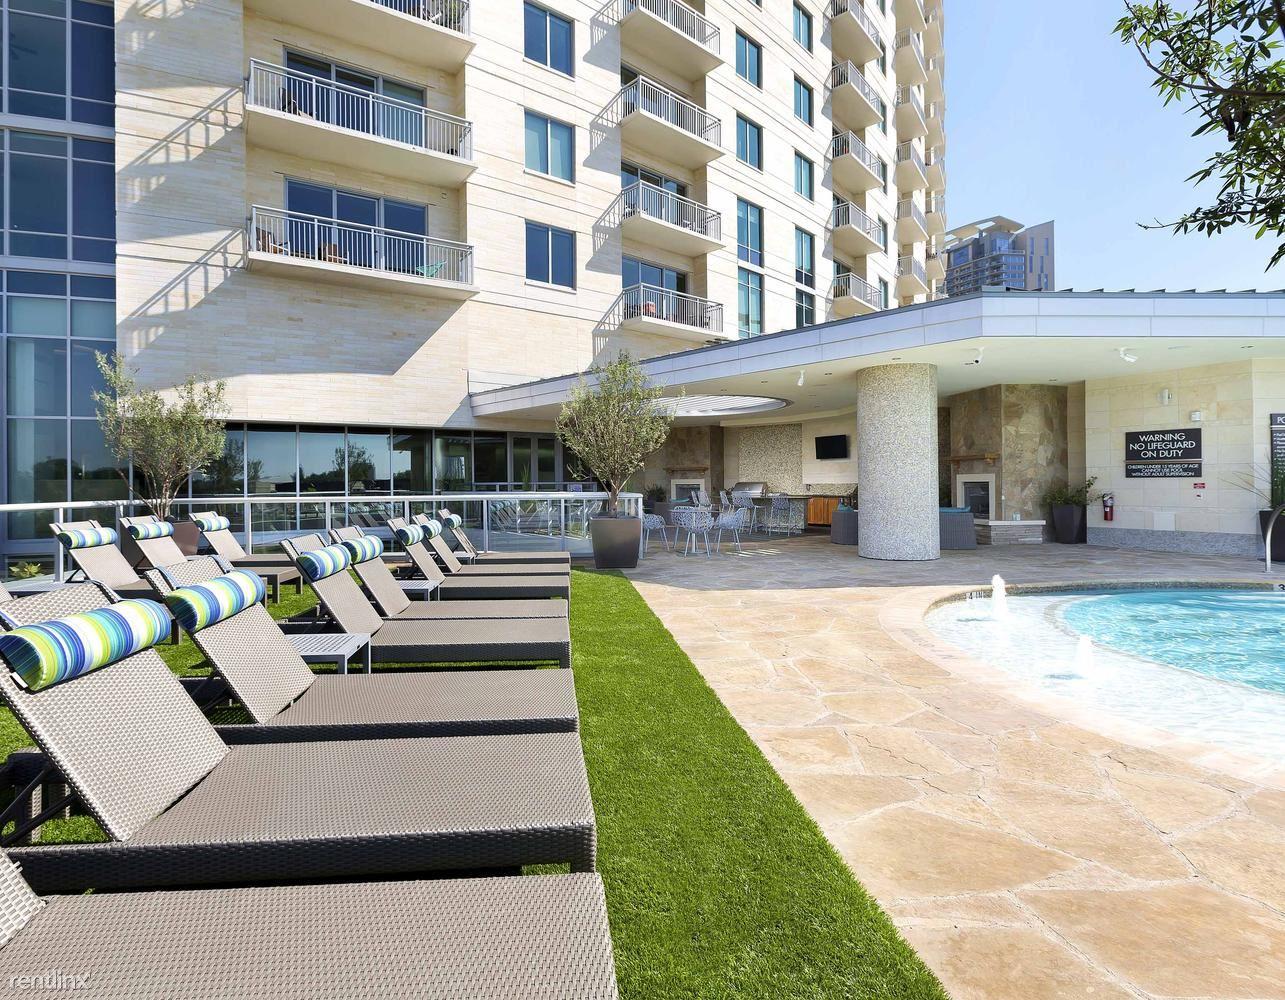 Downtown/Cesar Chavez - 78701, Austin, TX - $4,330